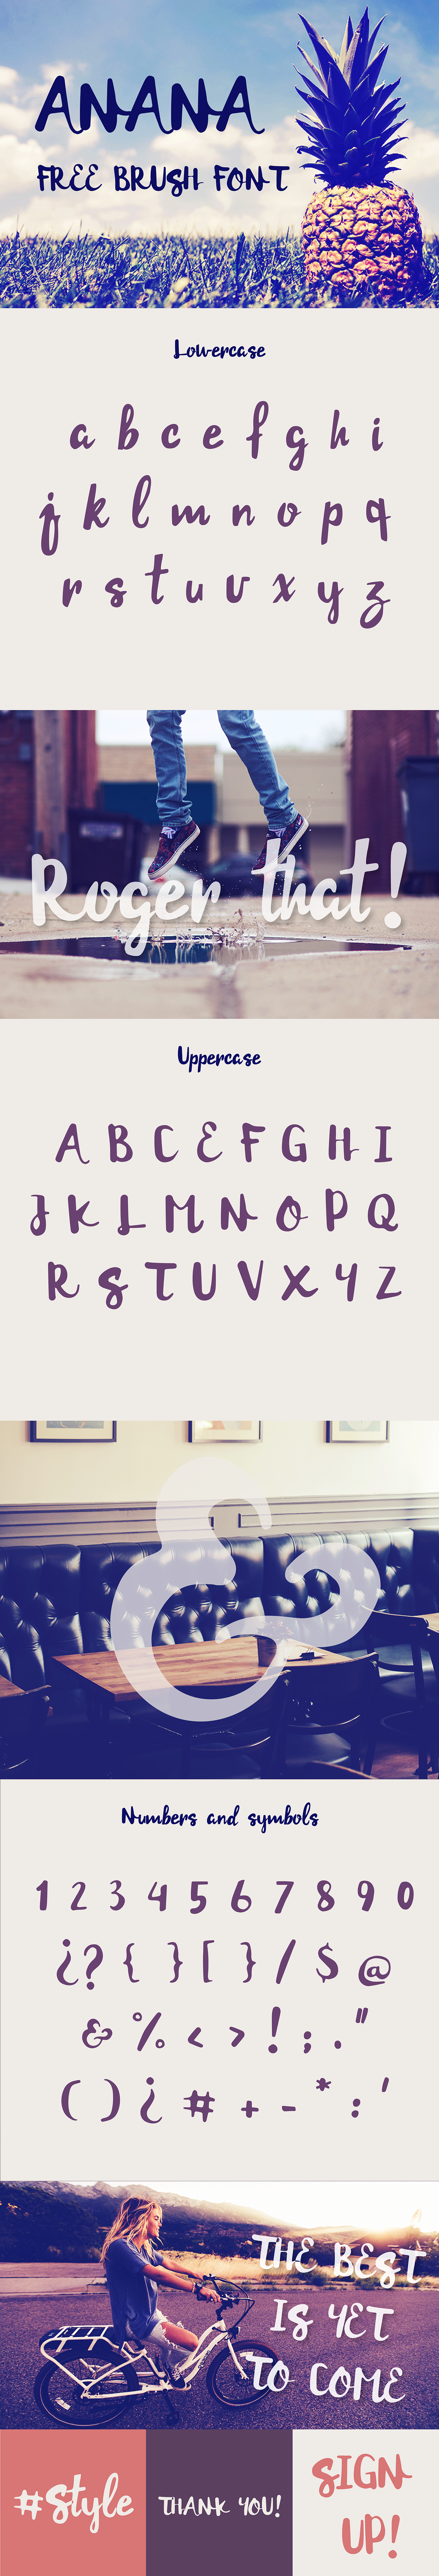 font freefont type fonts FreeFonts